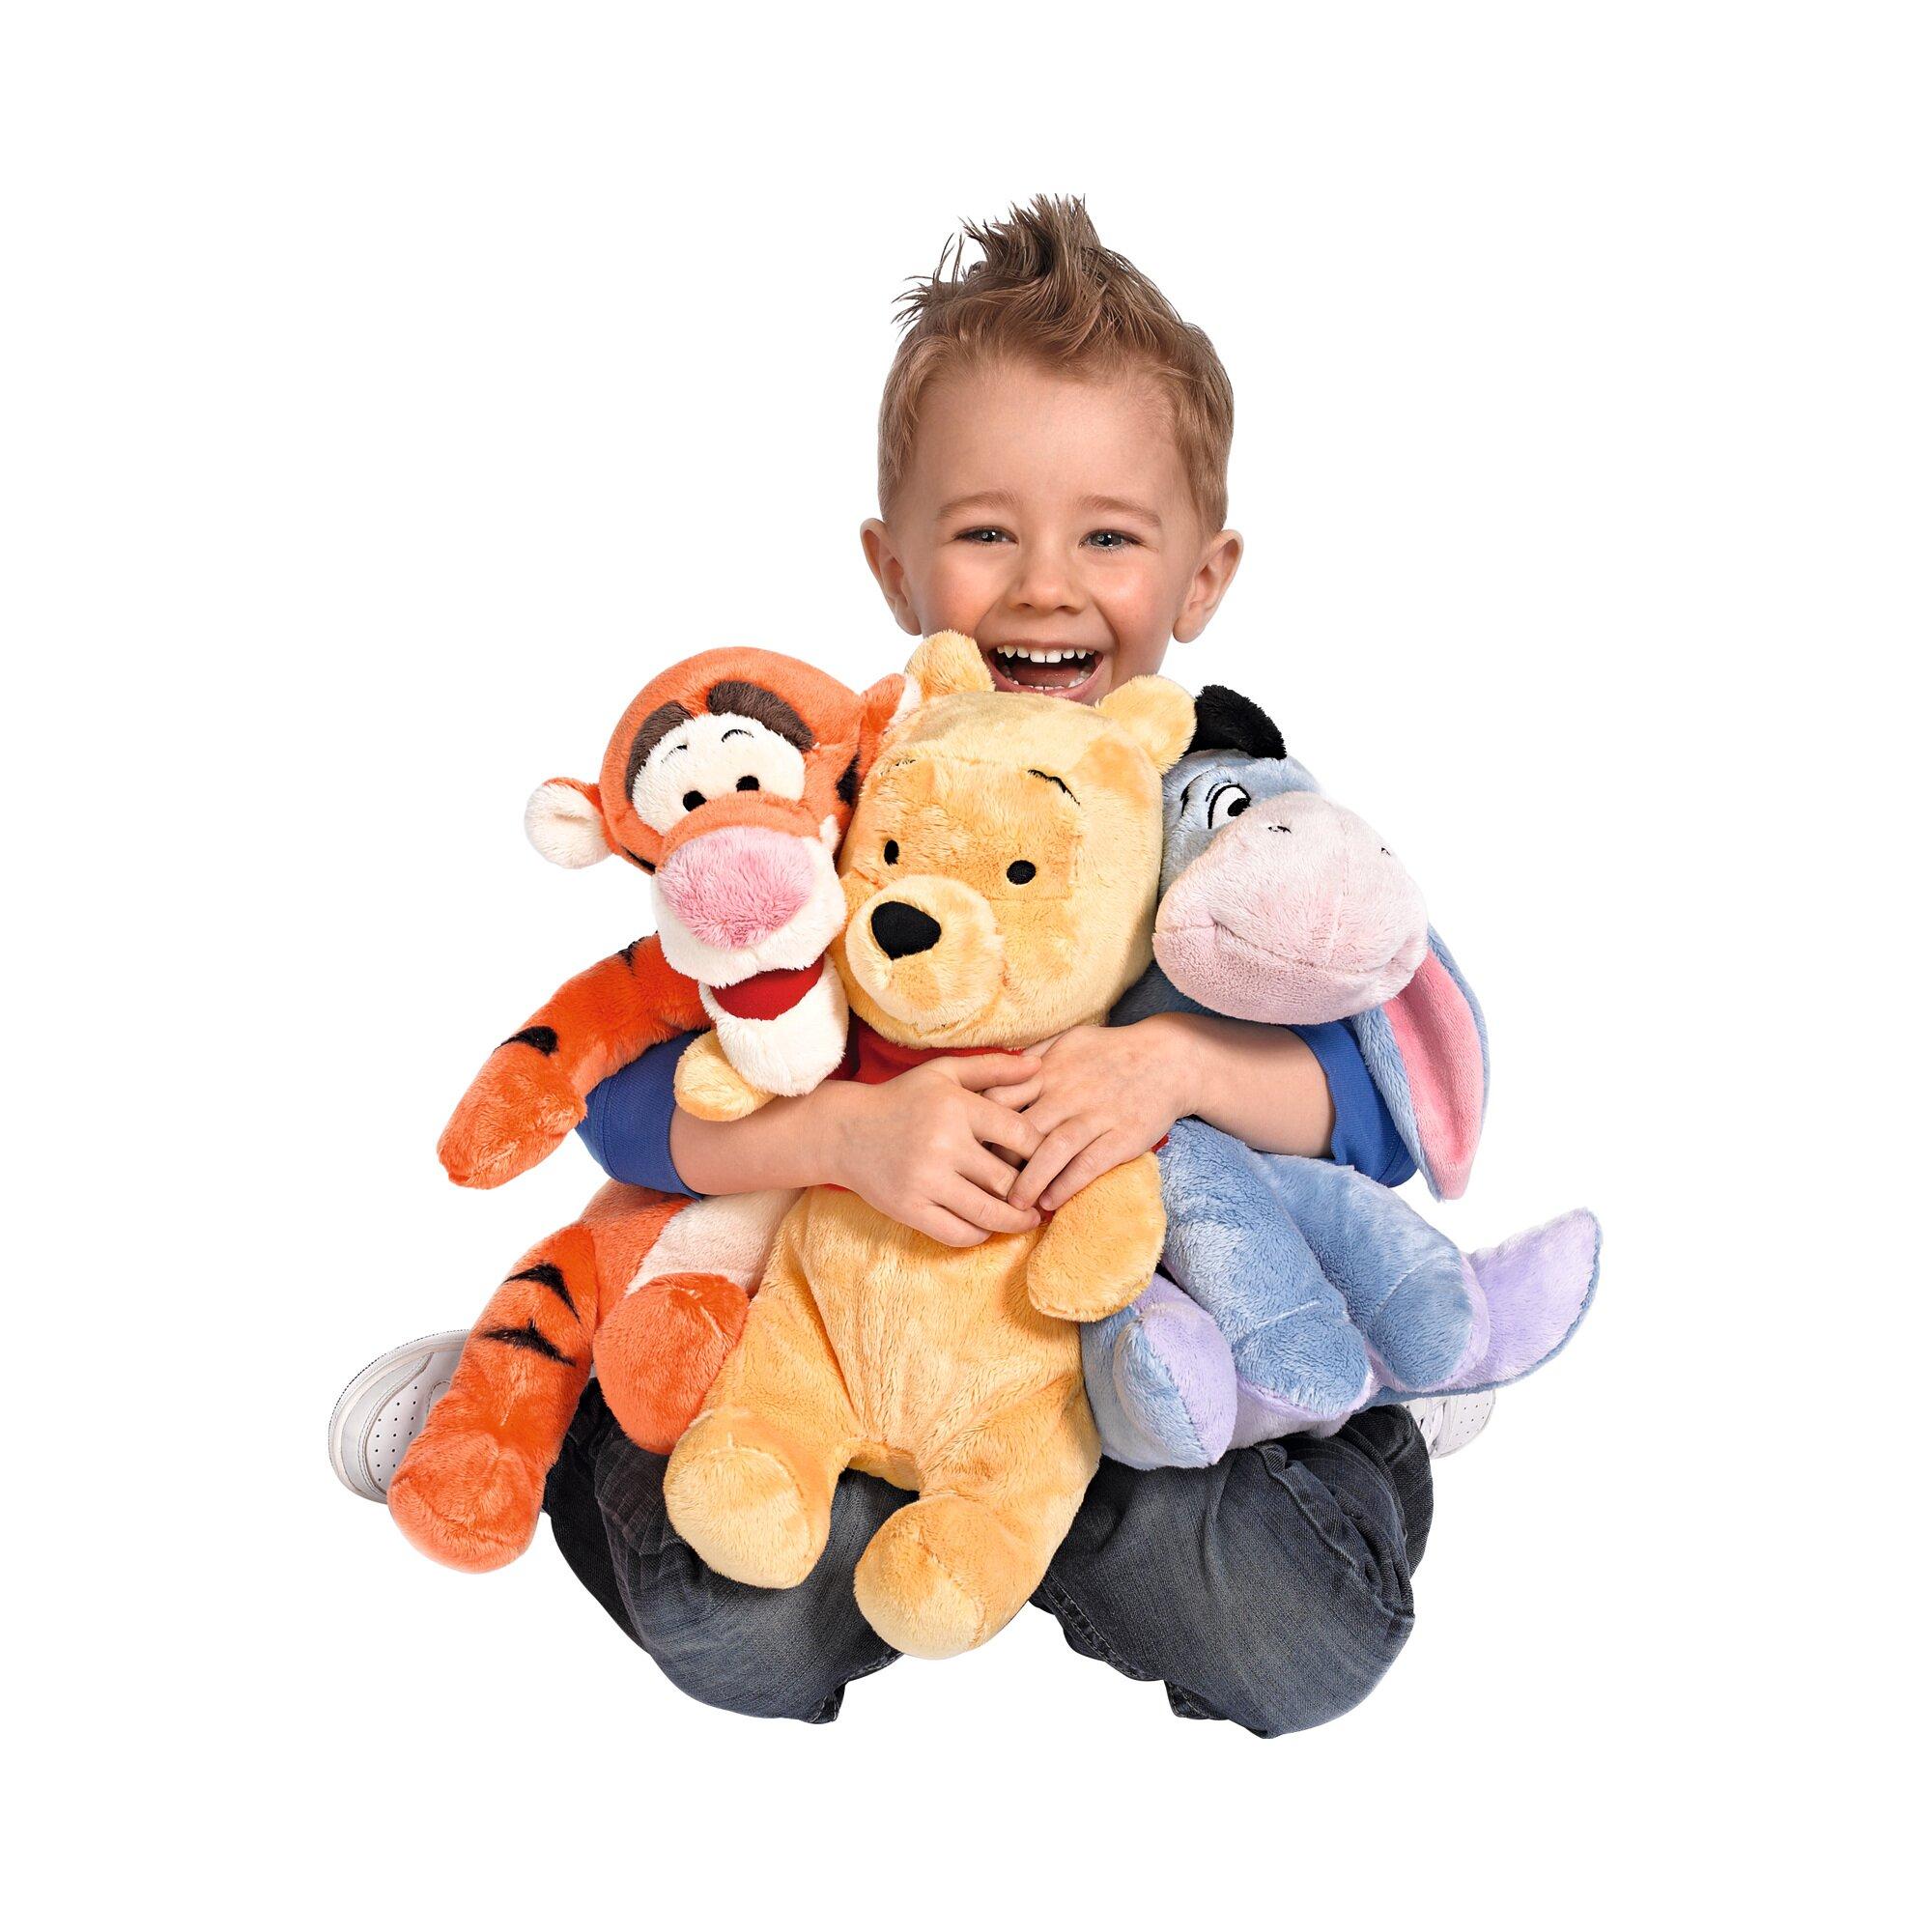 disney-winnie-pooh-kuscheltier-disney-tigger-